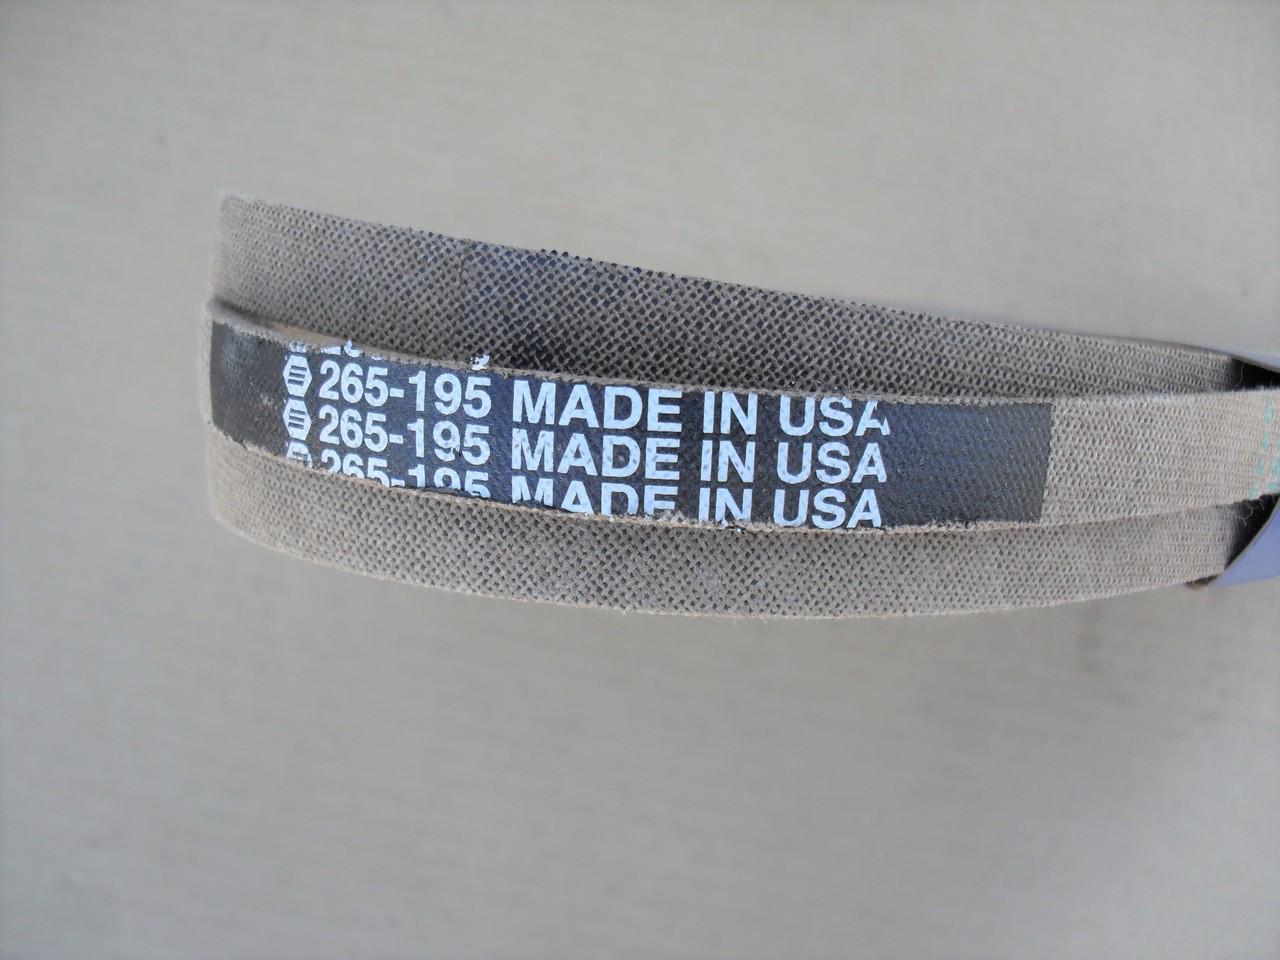 Deck Belt for Toro LX420, LX423, LX425, LX426, LX427, 1125800, 112-5800